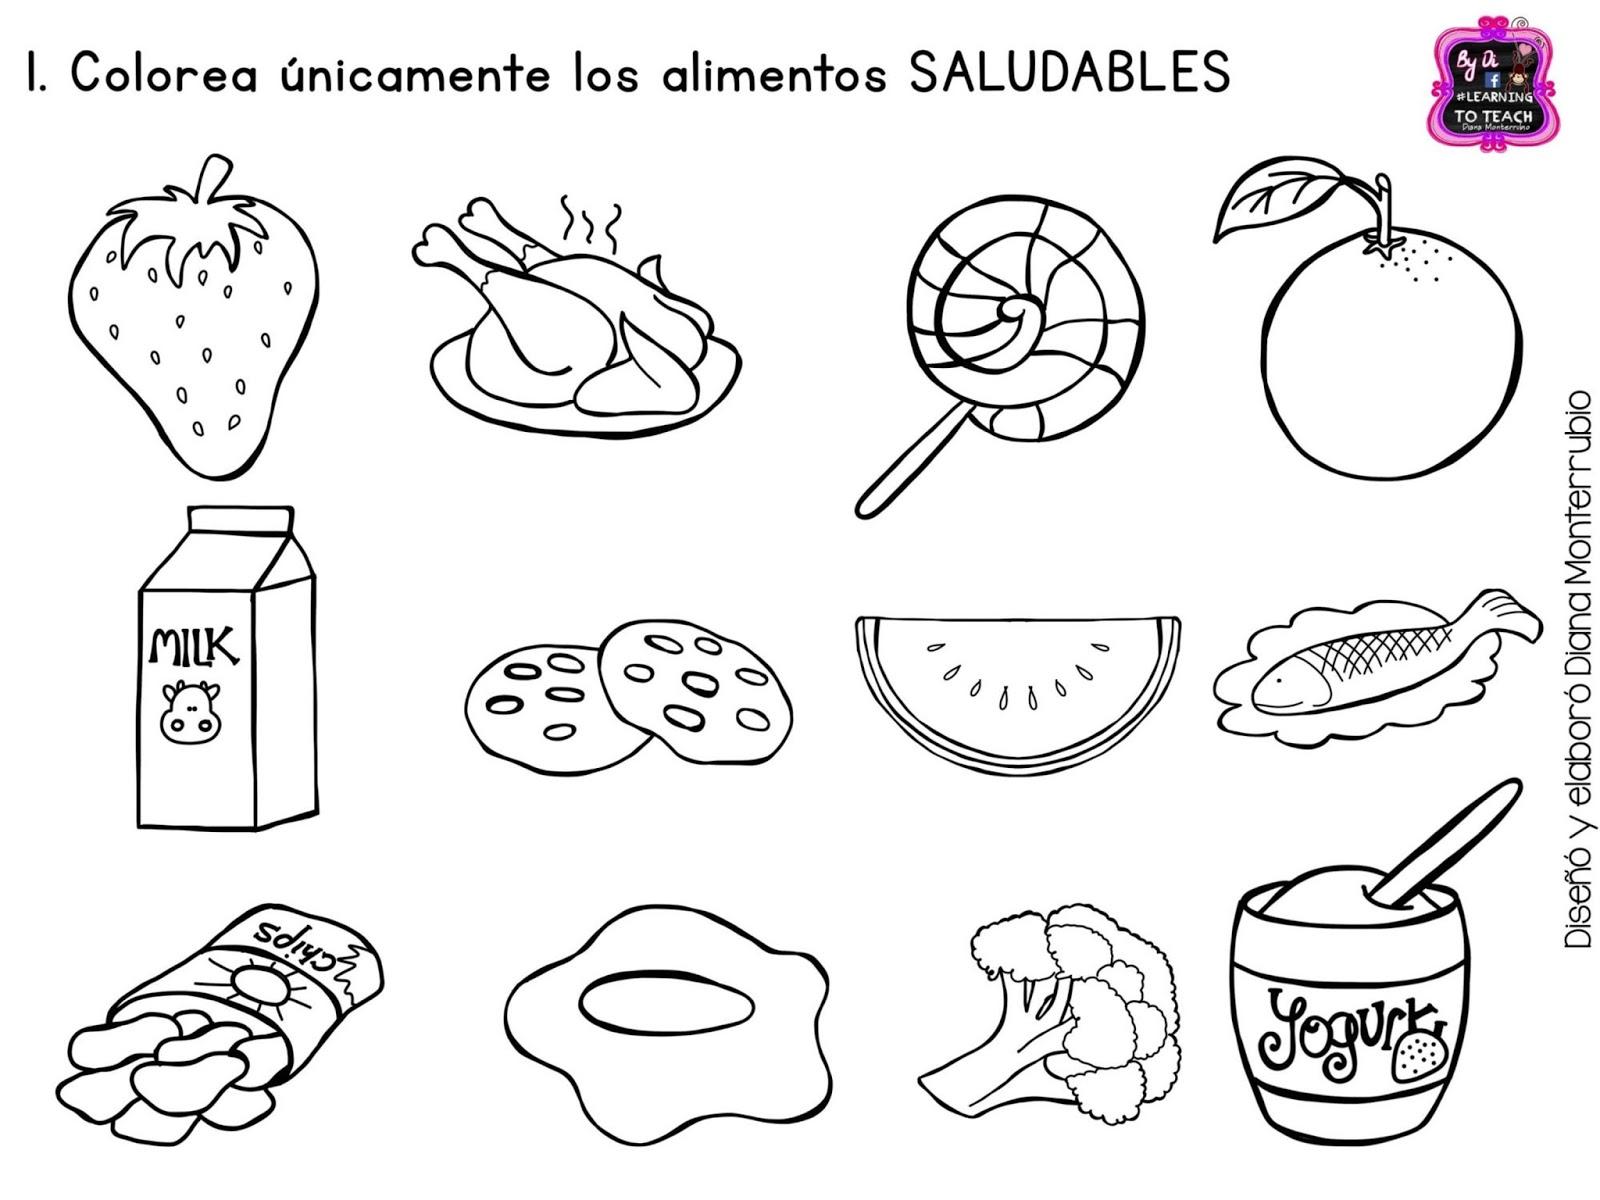 Imagenes Para Colorear Alimentos Saludables – Solo otras ideas de ...